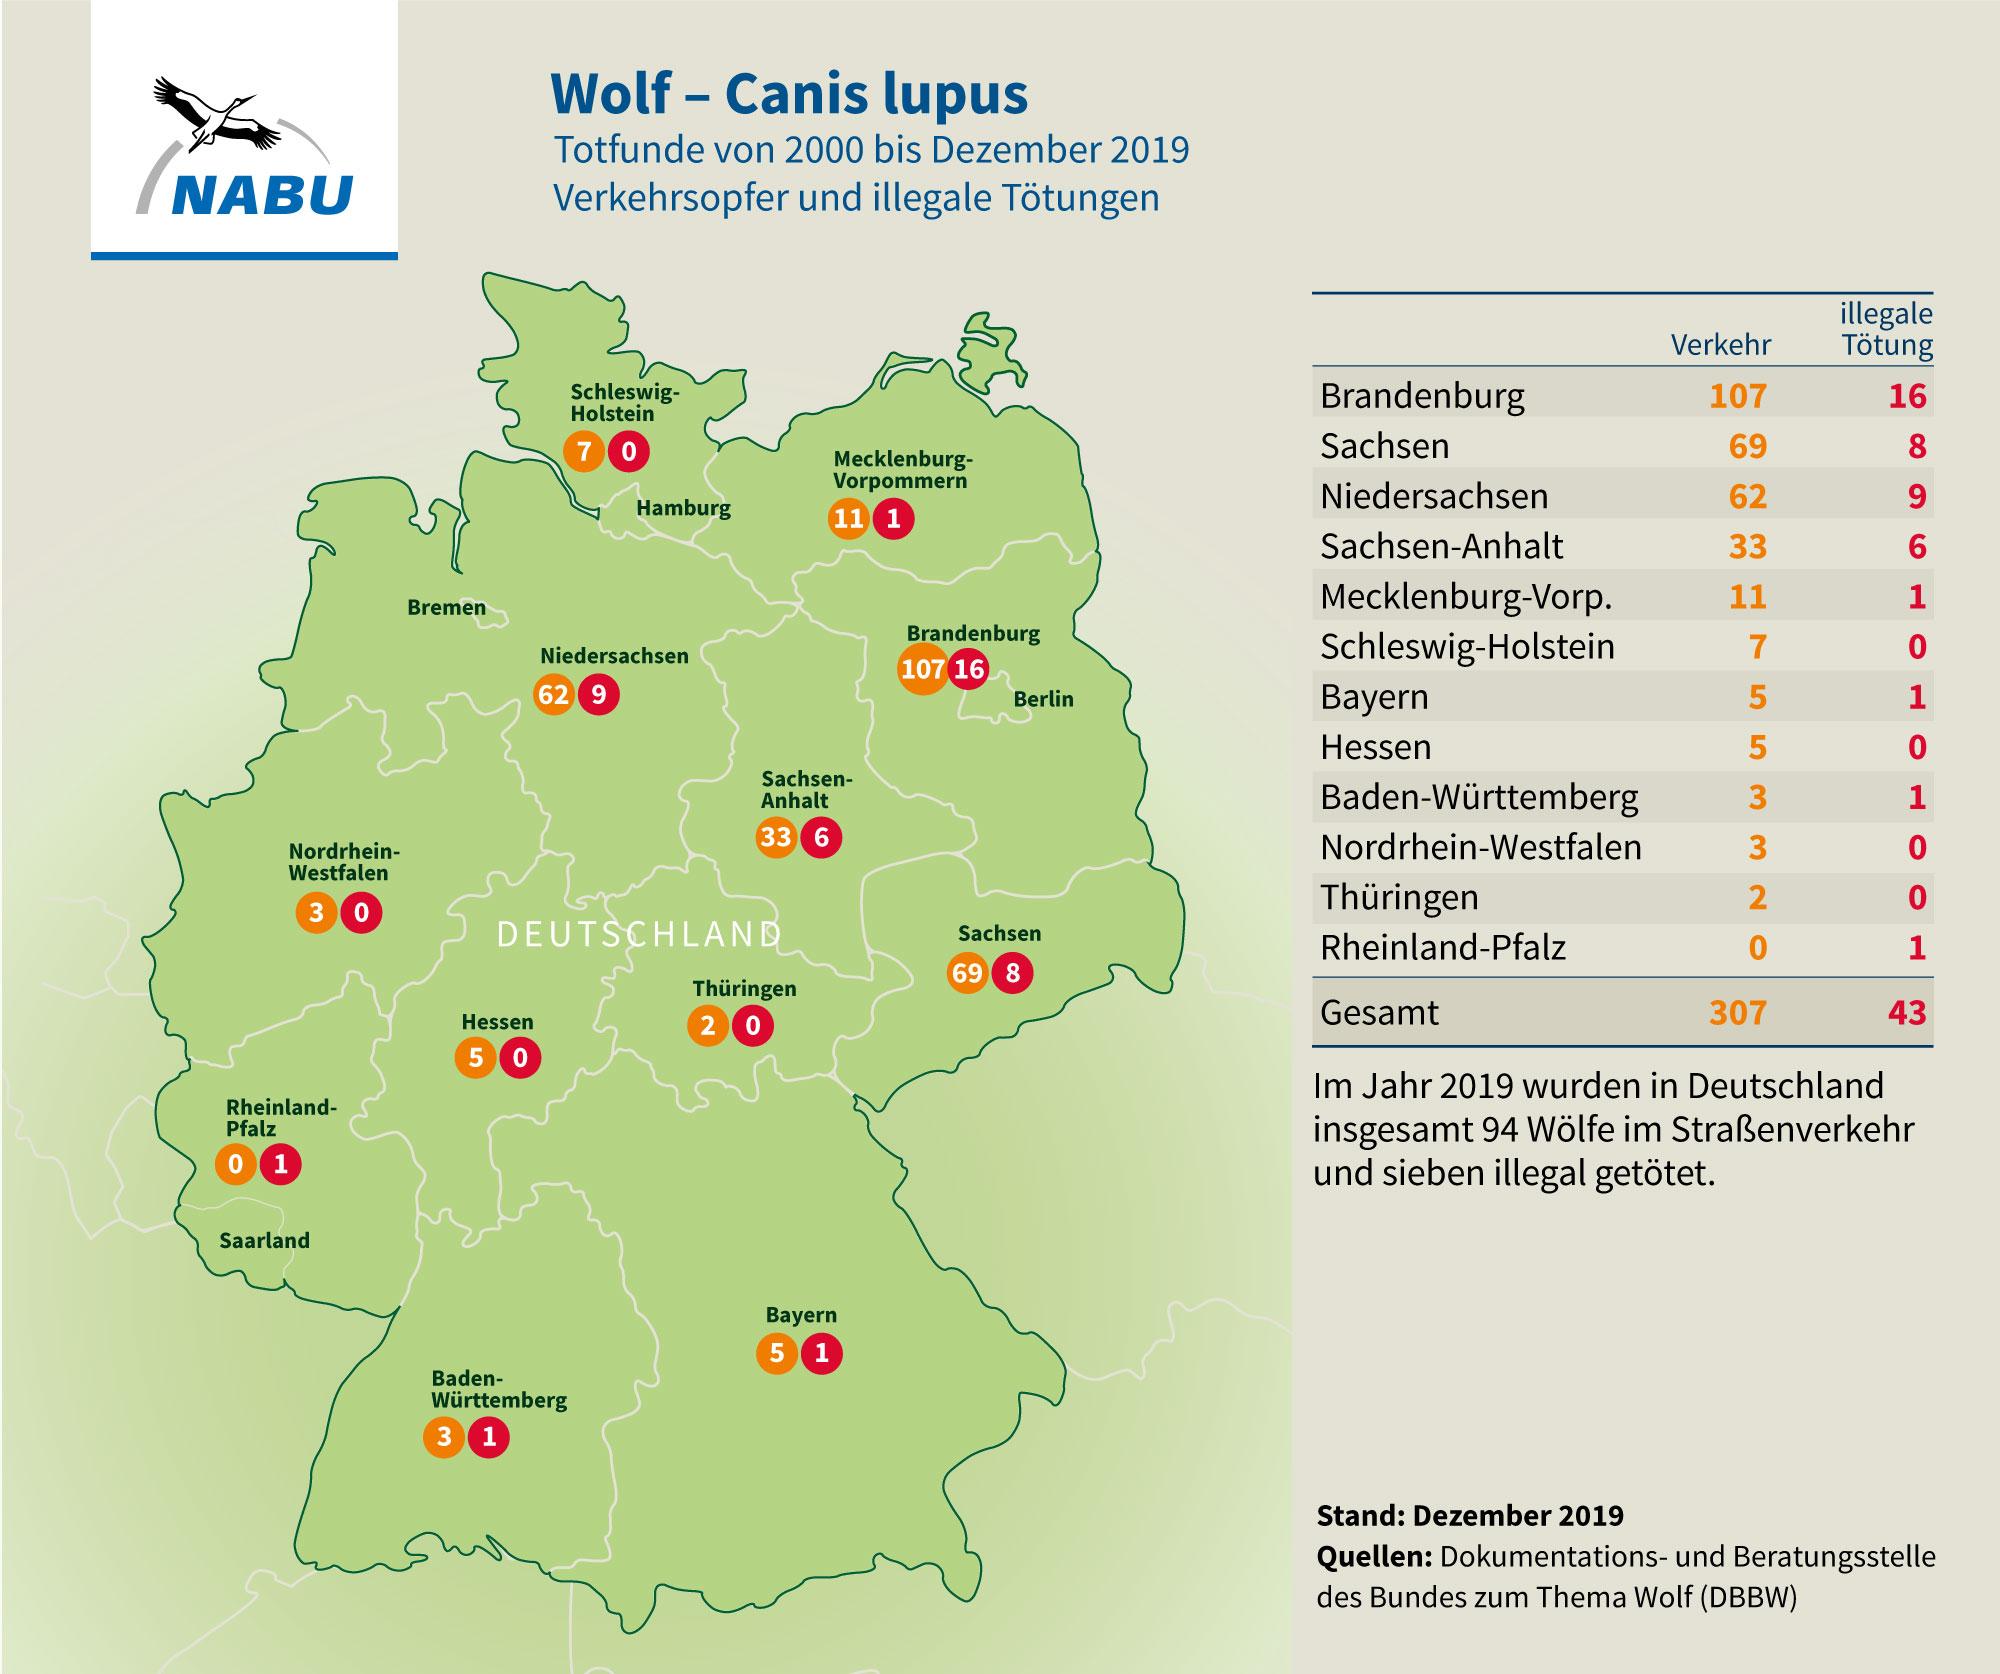 Totfunde von Wölfen in Deutschlandvon 2000 bis 2019